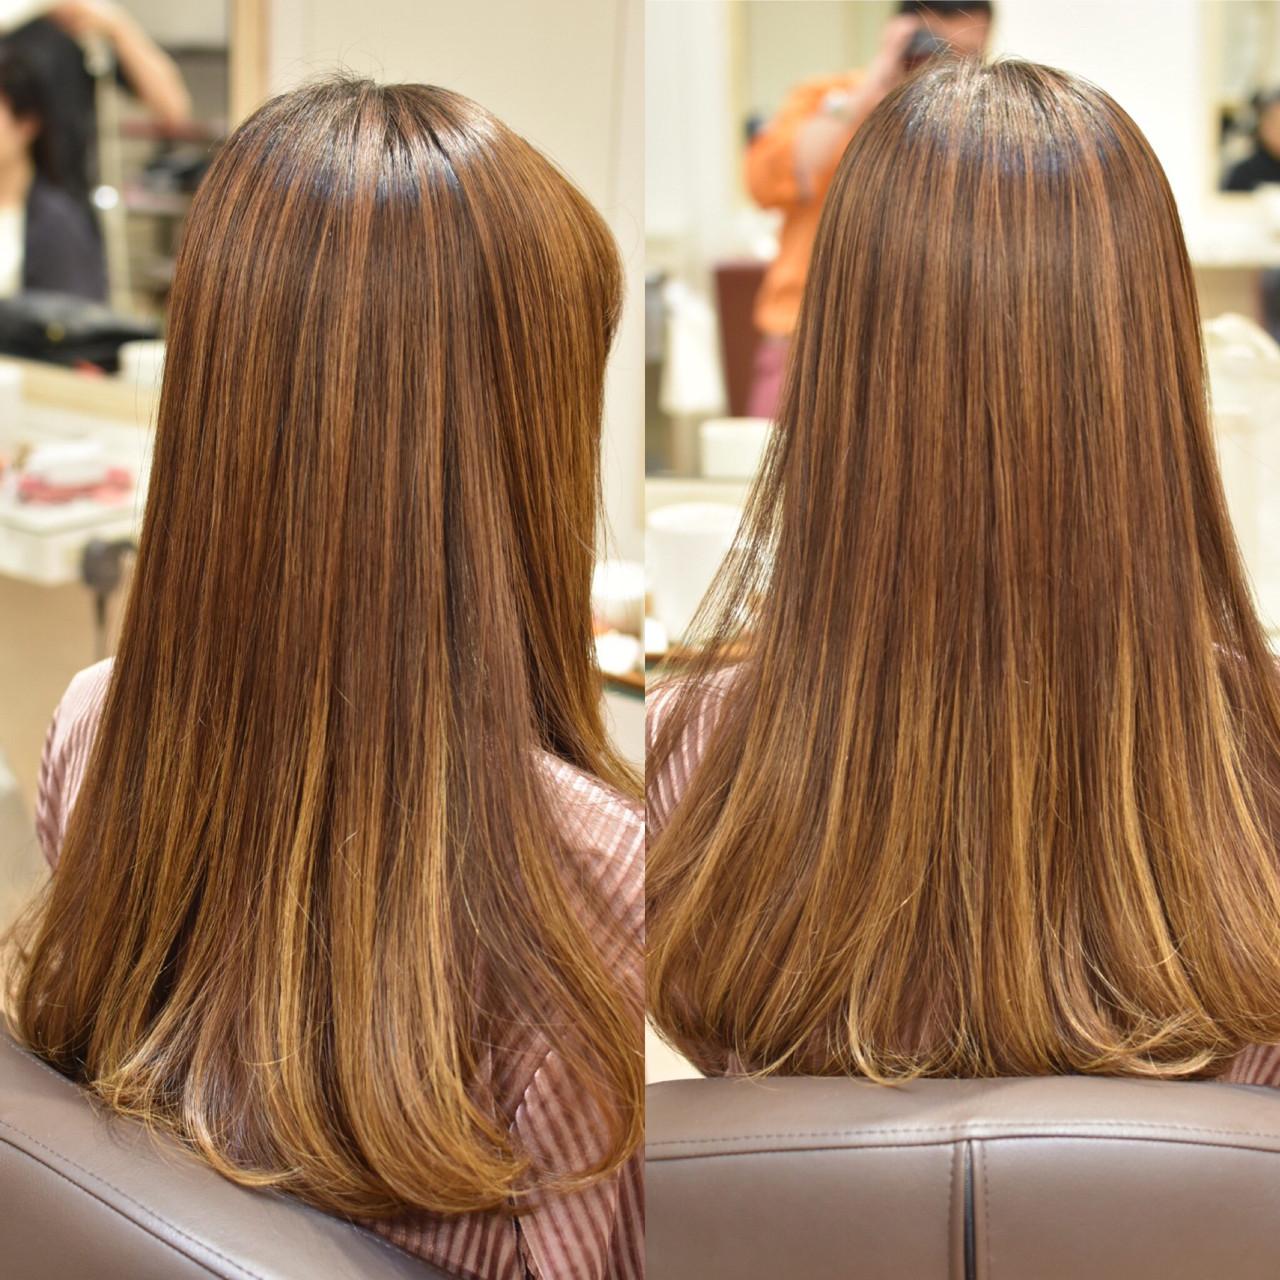 フェミニン 艶髪 ロング パーマ ヘアスタイルや髪型の写真・画像